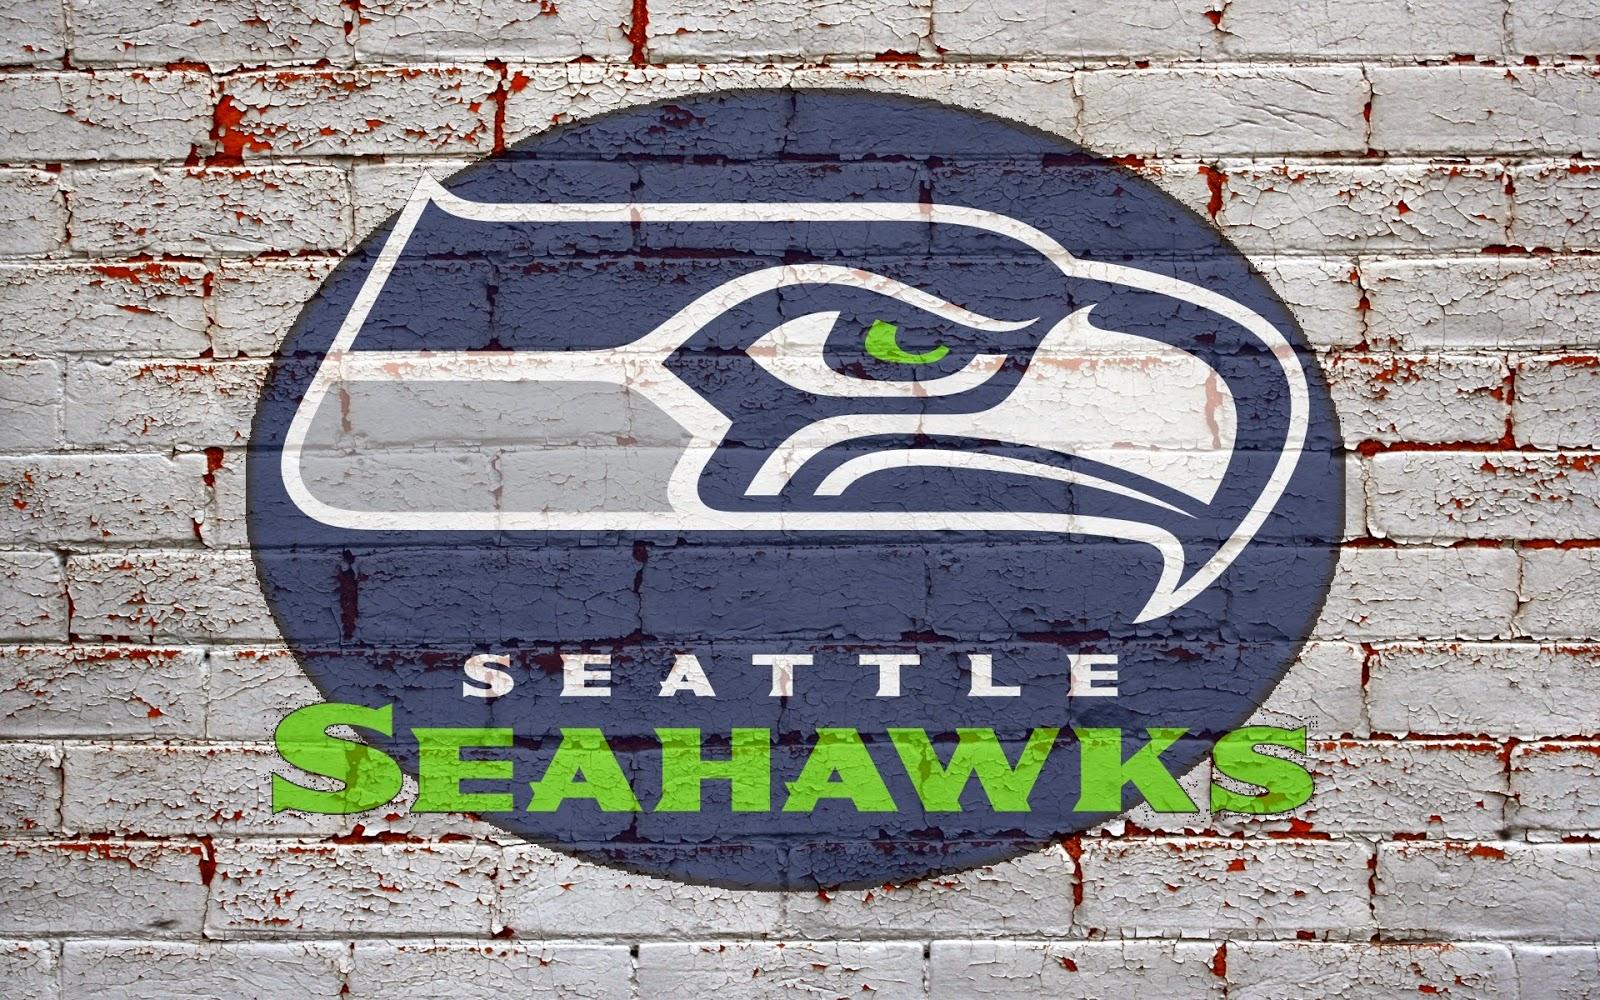 Seattle Seahawks Wallpaper Hd